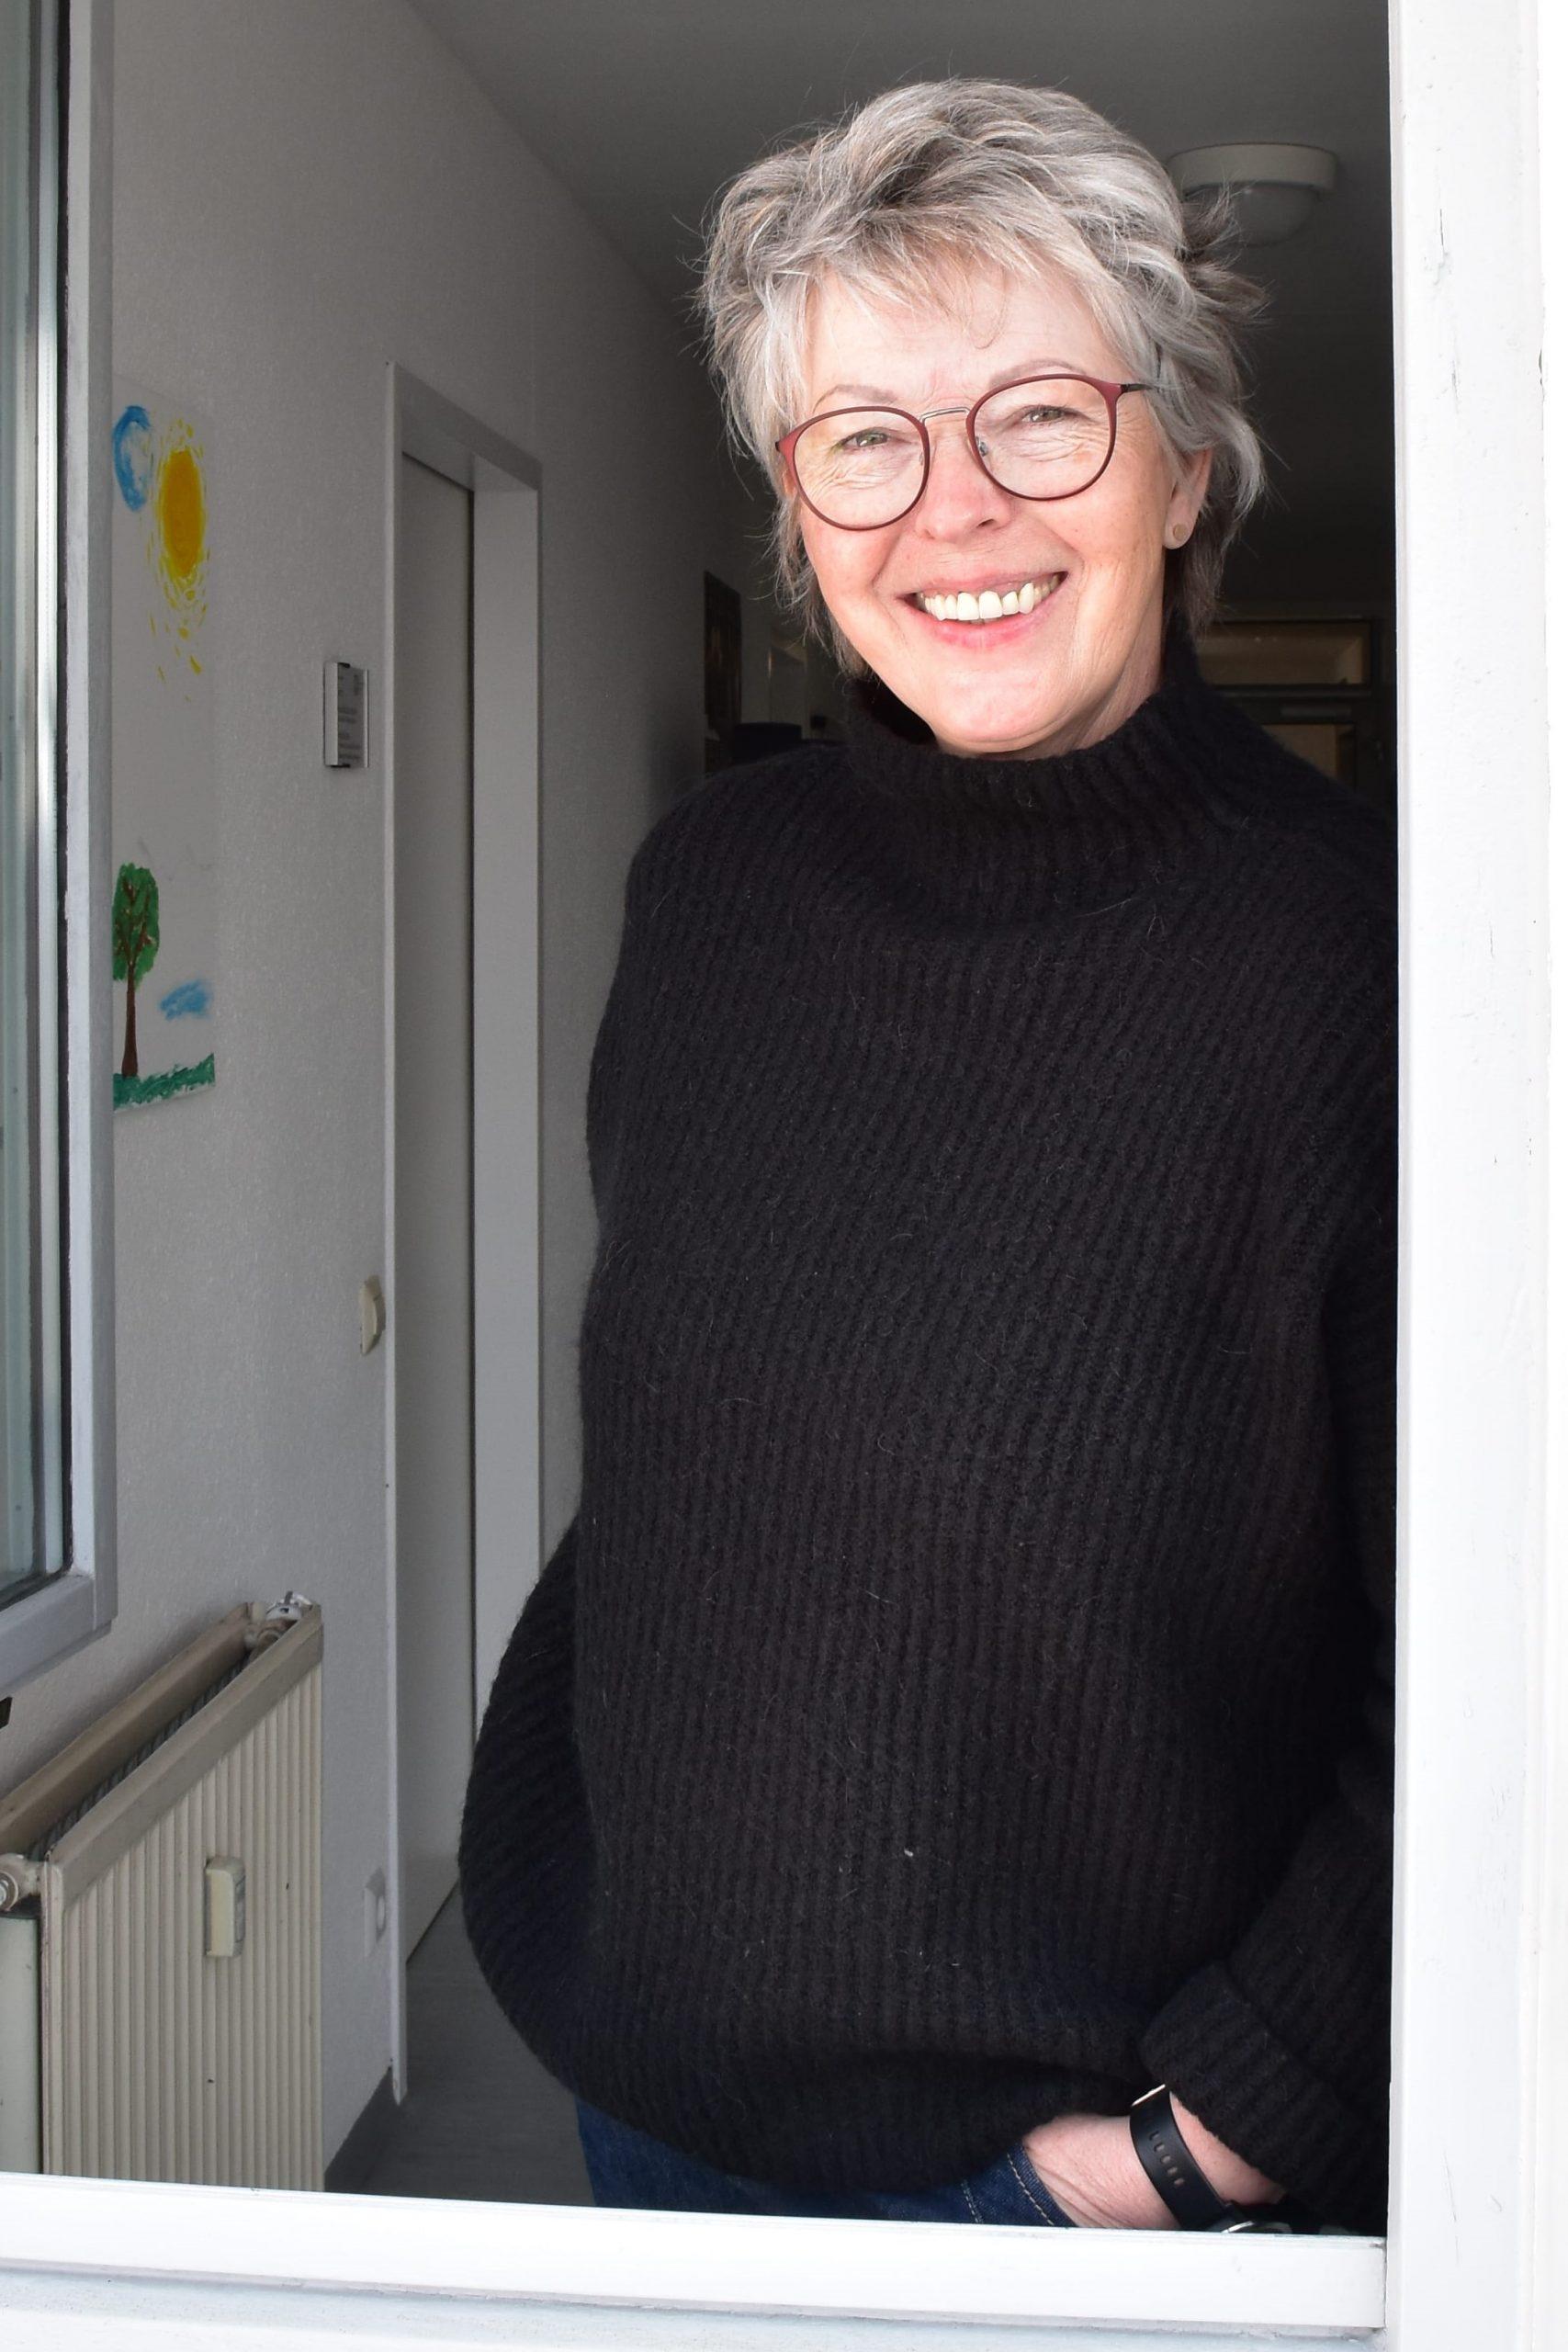 Silvia Wieland